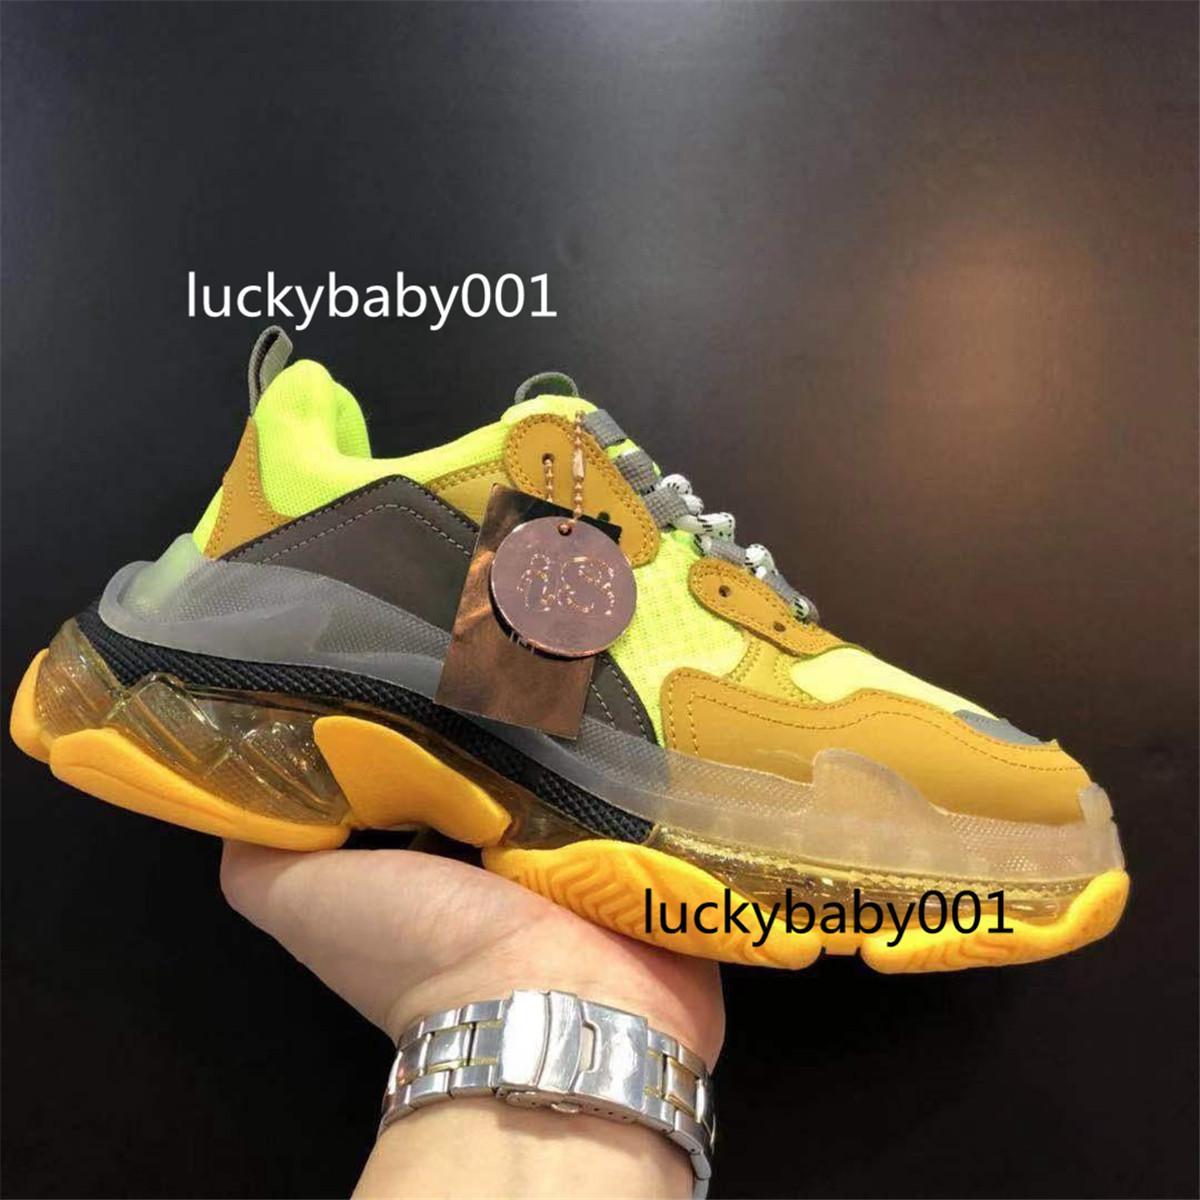 2021 جودة عالية أزياء باريس عارضة أحذية Luxuuux أحذية 17FW ثلاث مرات الرجال النسائية البيج الأسود ثلاثية وسادة الهواء الأحذية